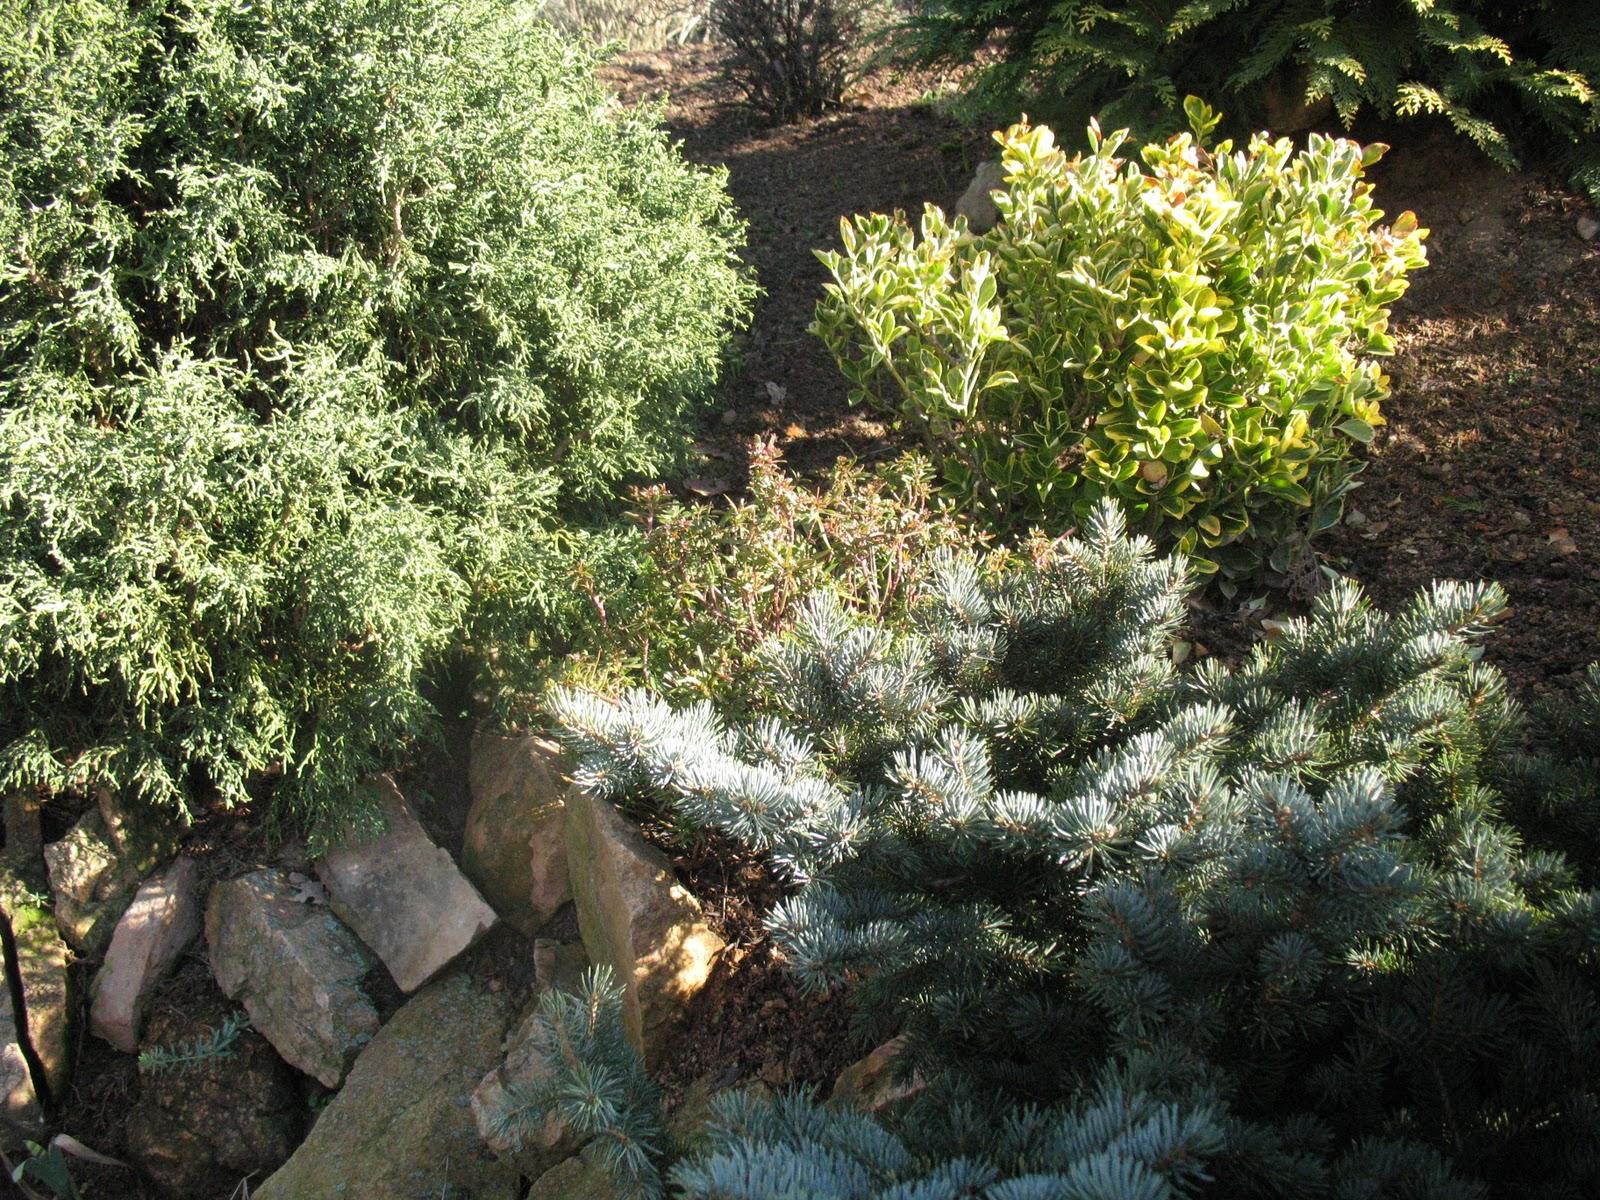 Roses du jardin ch neland sous le soleil d 39 hiver for Entretien du jardin en hiver